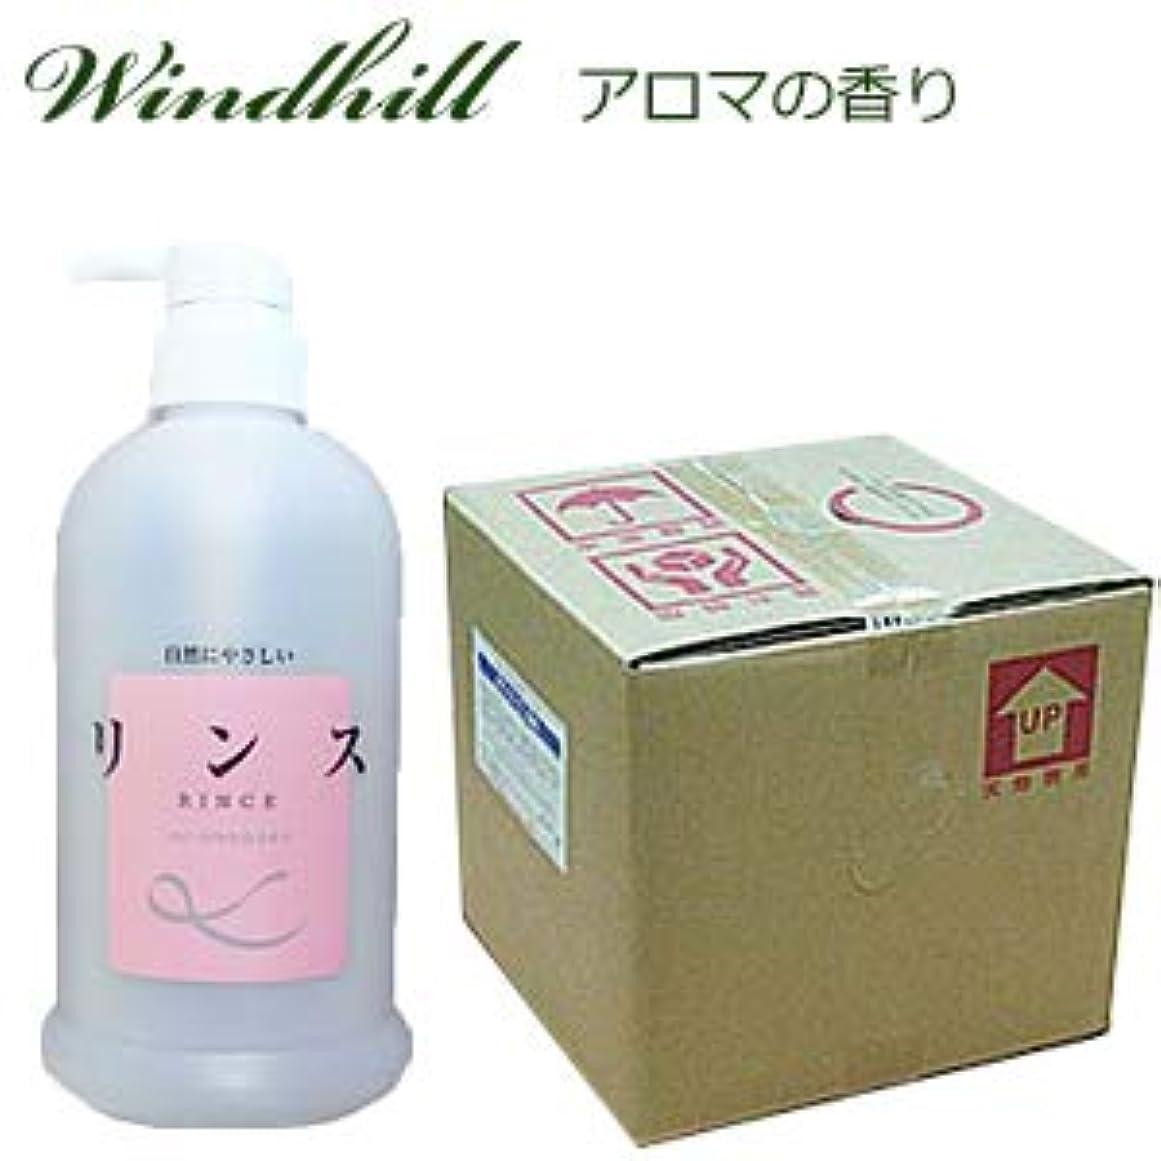 グレーにもかかわらず血まみれなんと! 500ml当り188円 Windhill 植物性業務用 リンス 紅茶を思うアロマの香り 20L